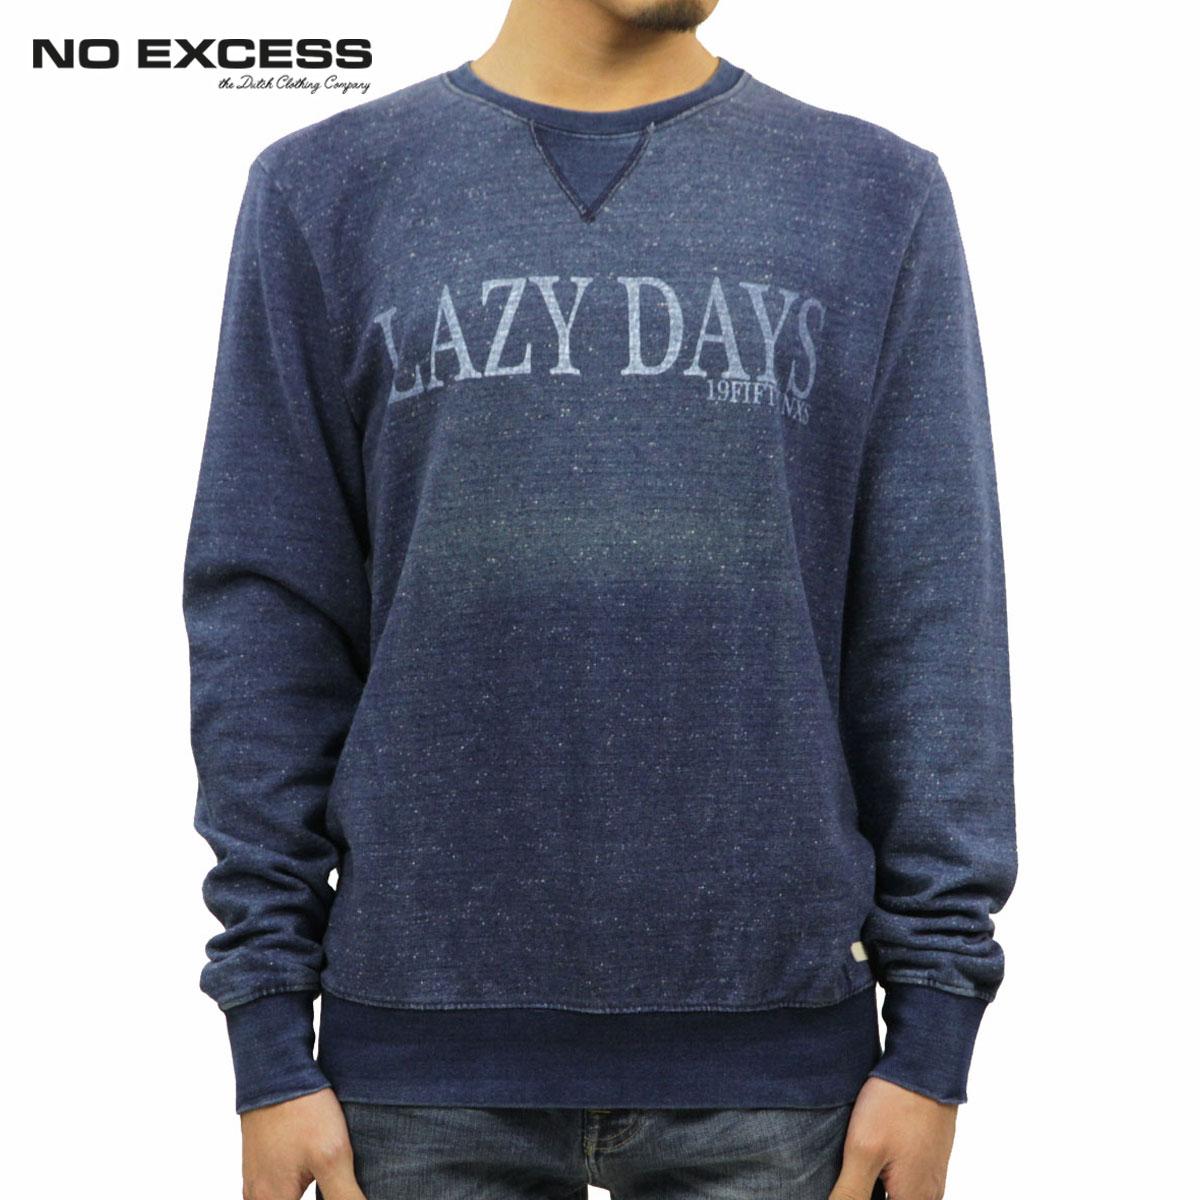 ノーエクセス NO EXCESS 正規販売店 メンズ セーター Sweater R-neck Real indigo chest print 110252 33 D15S25